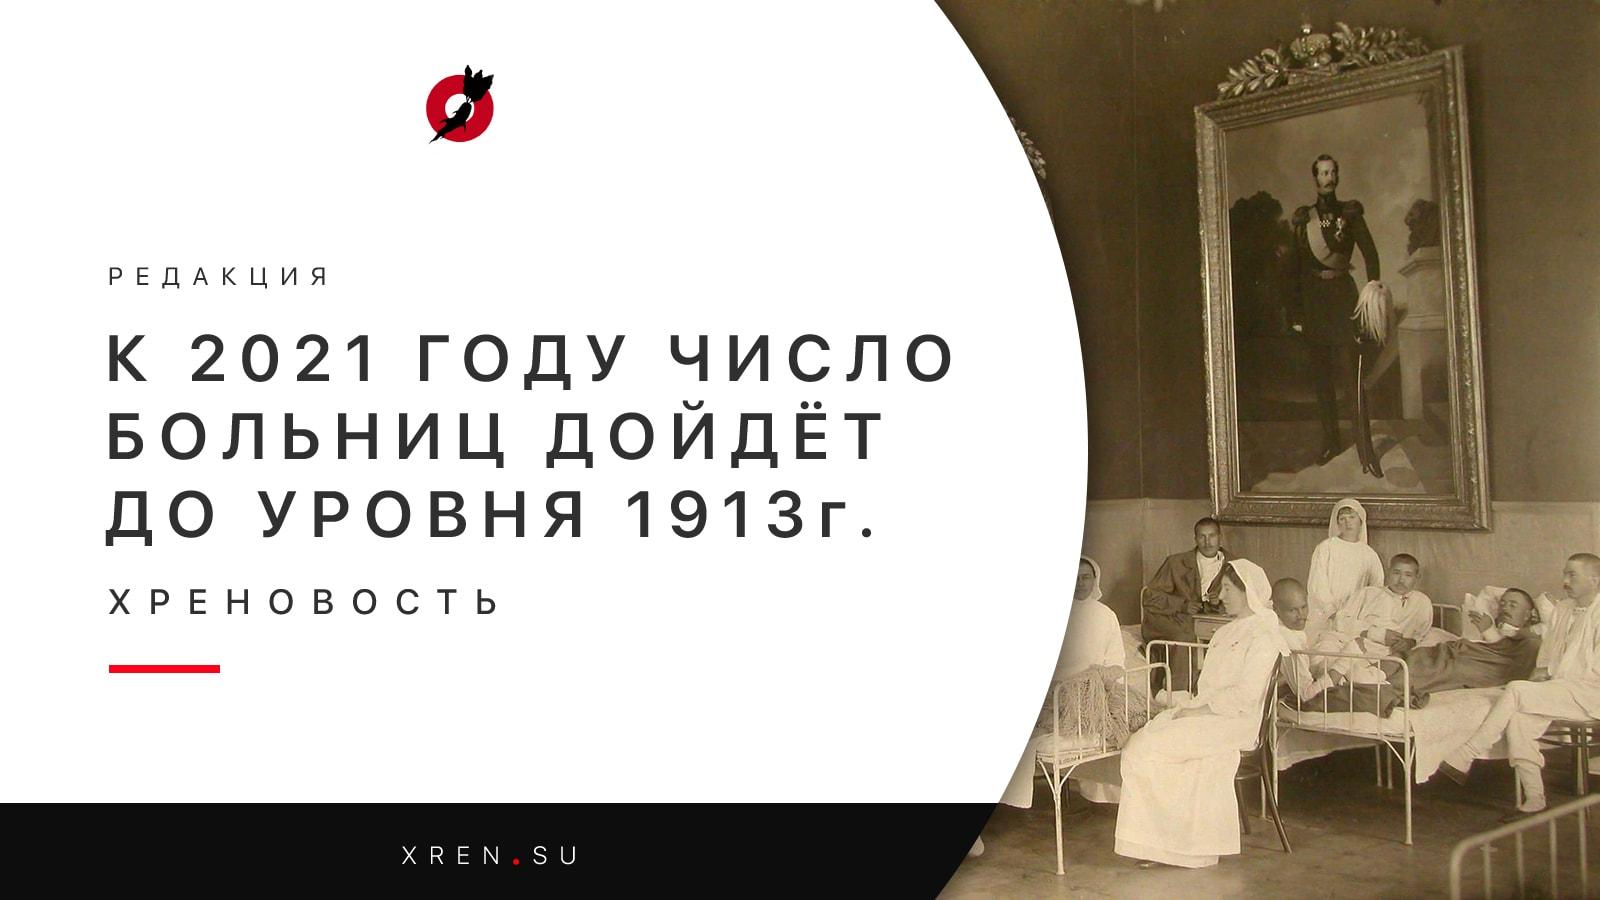 К 2021 году число больниц дойдёт до уровня 1913 г.